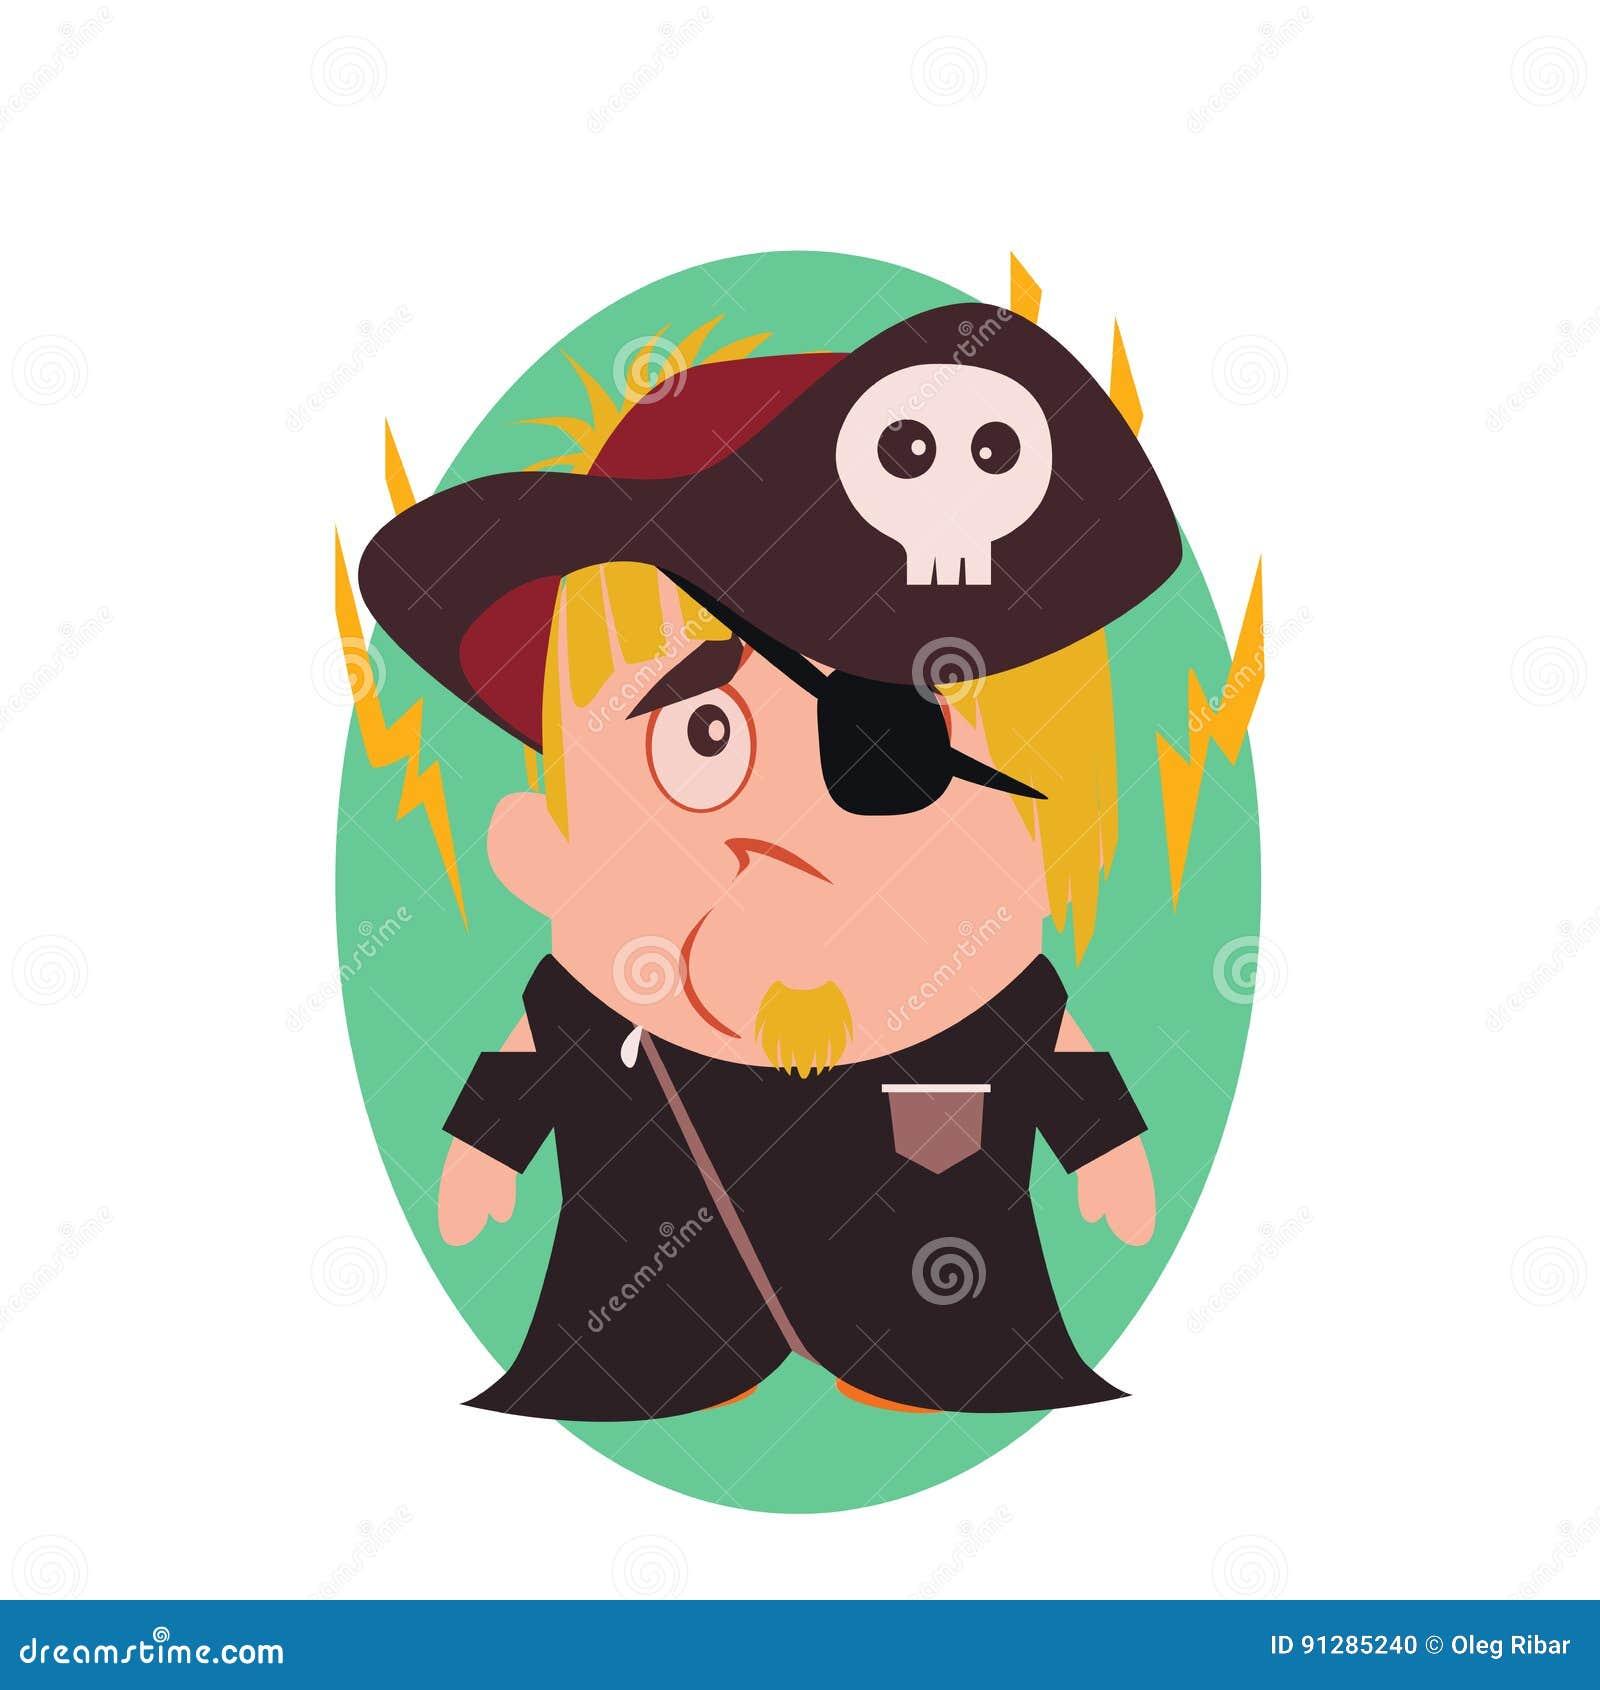 Förvirrat, ledset och olyckligt piratkopiera - den roliga avataren av lilla Person Cartoon Character i plan vektor